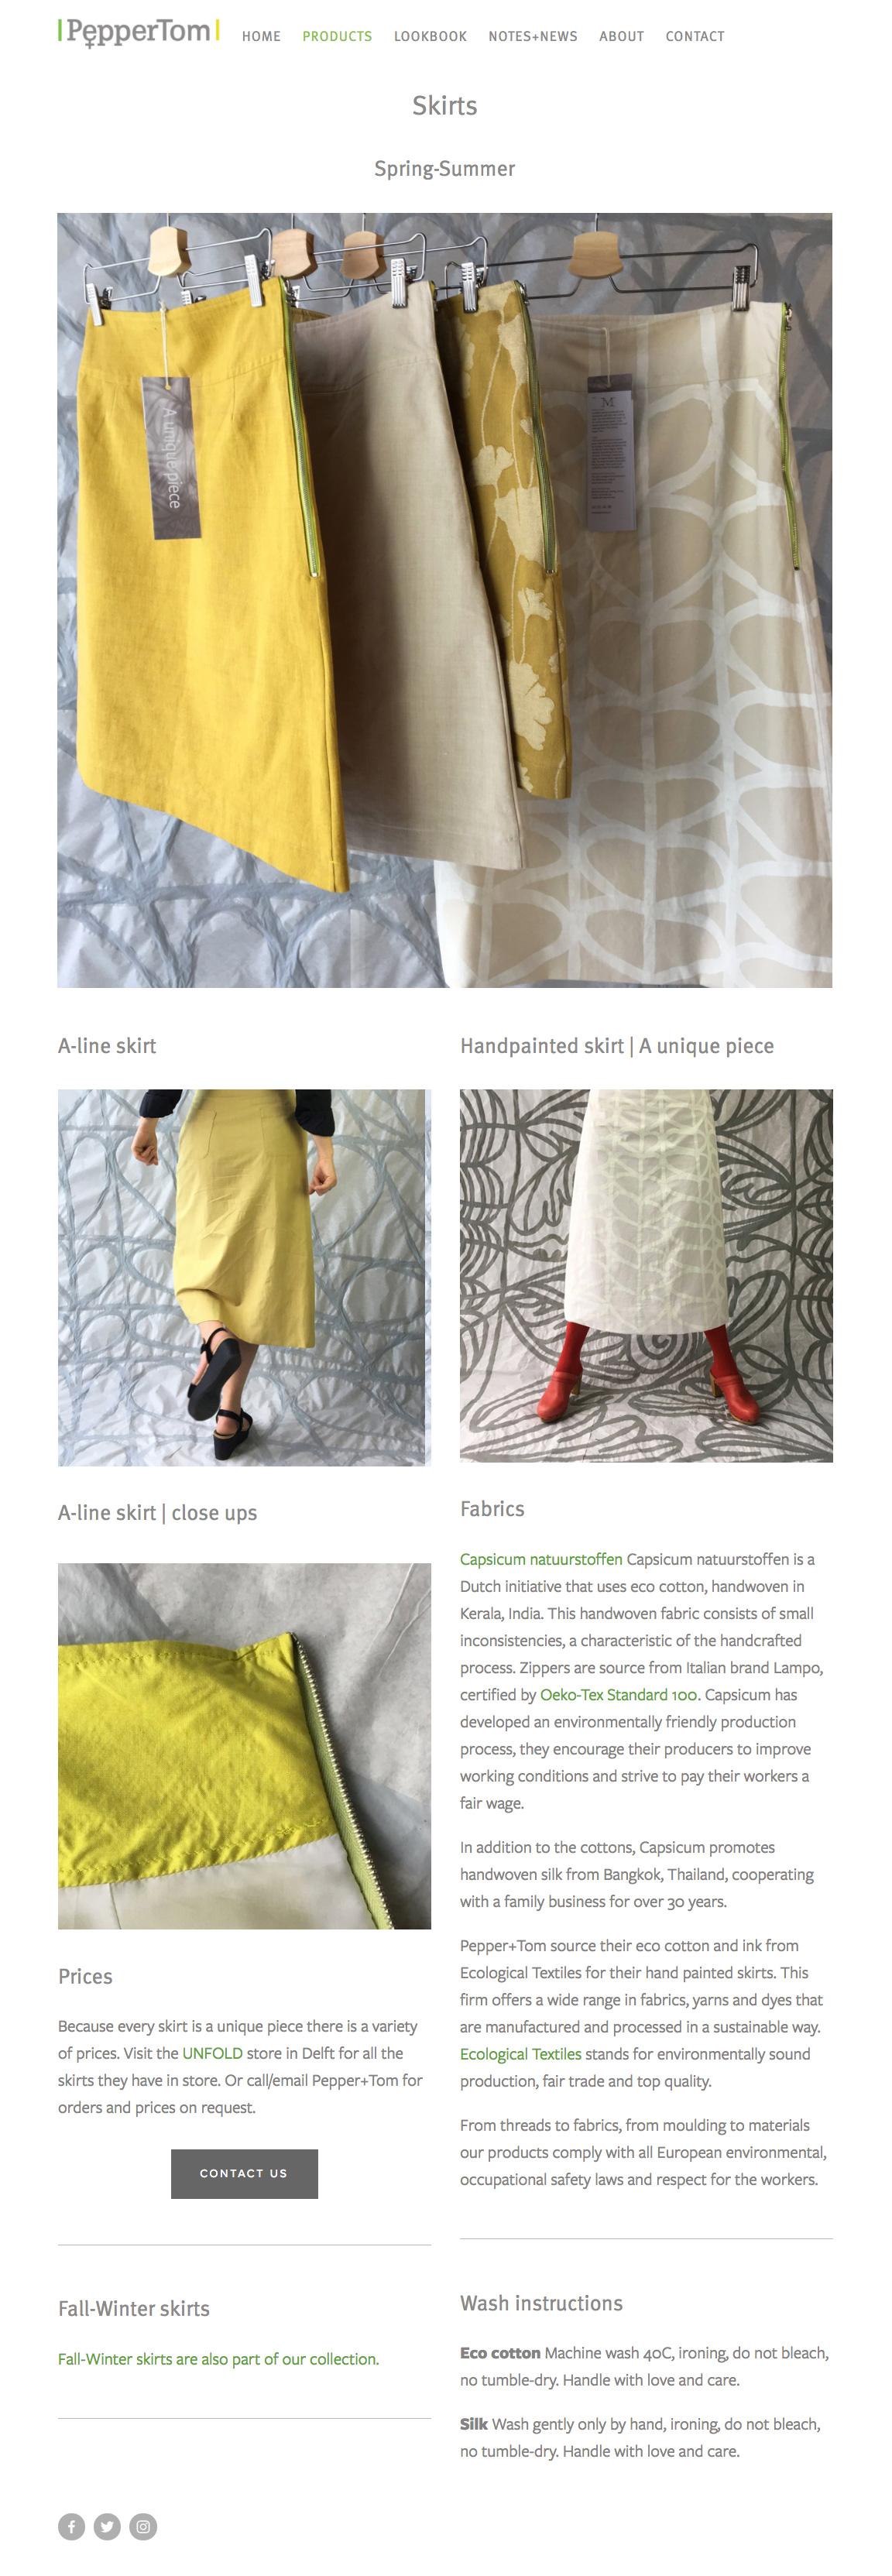 peppertom_skirts